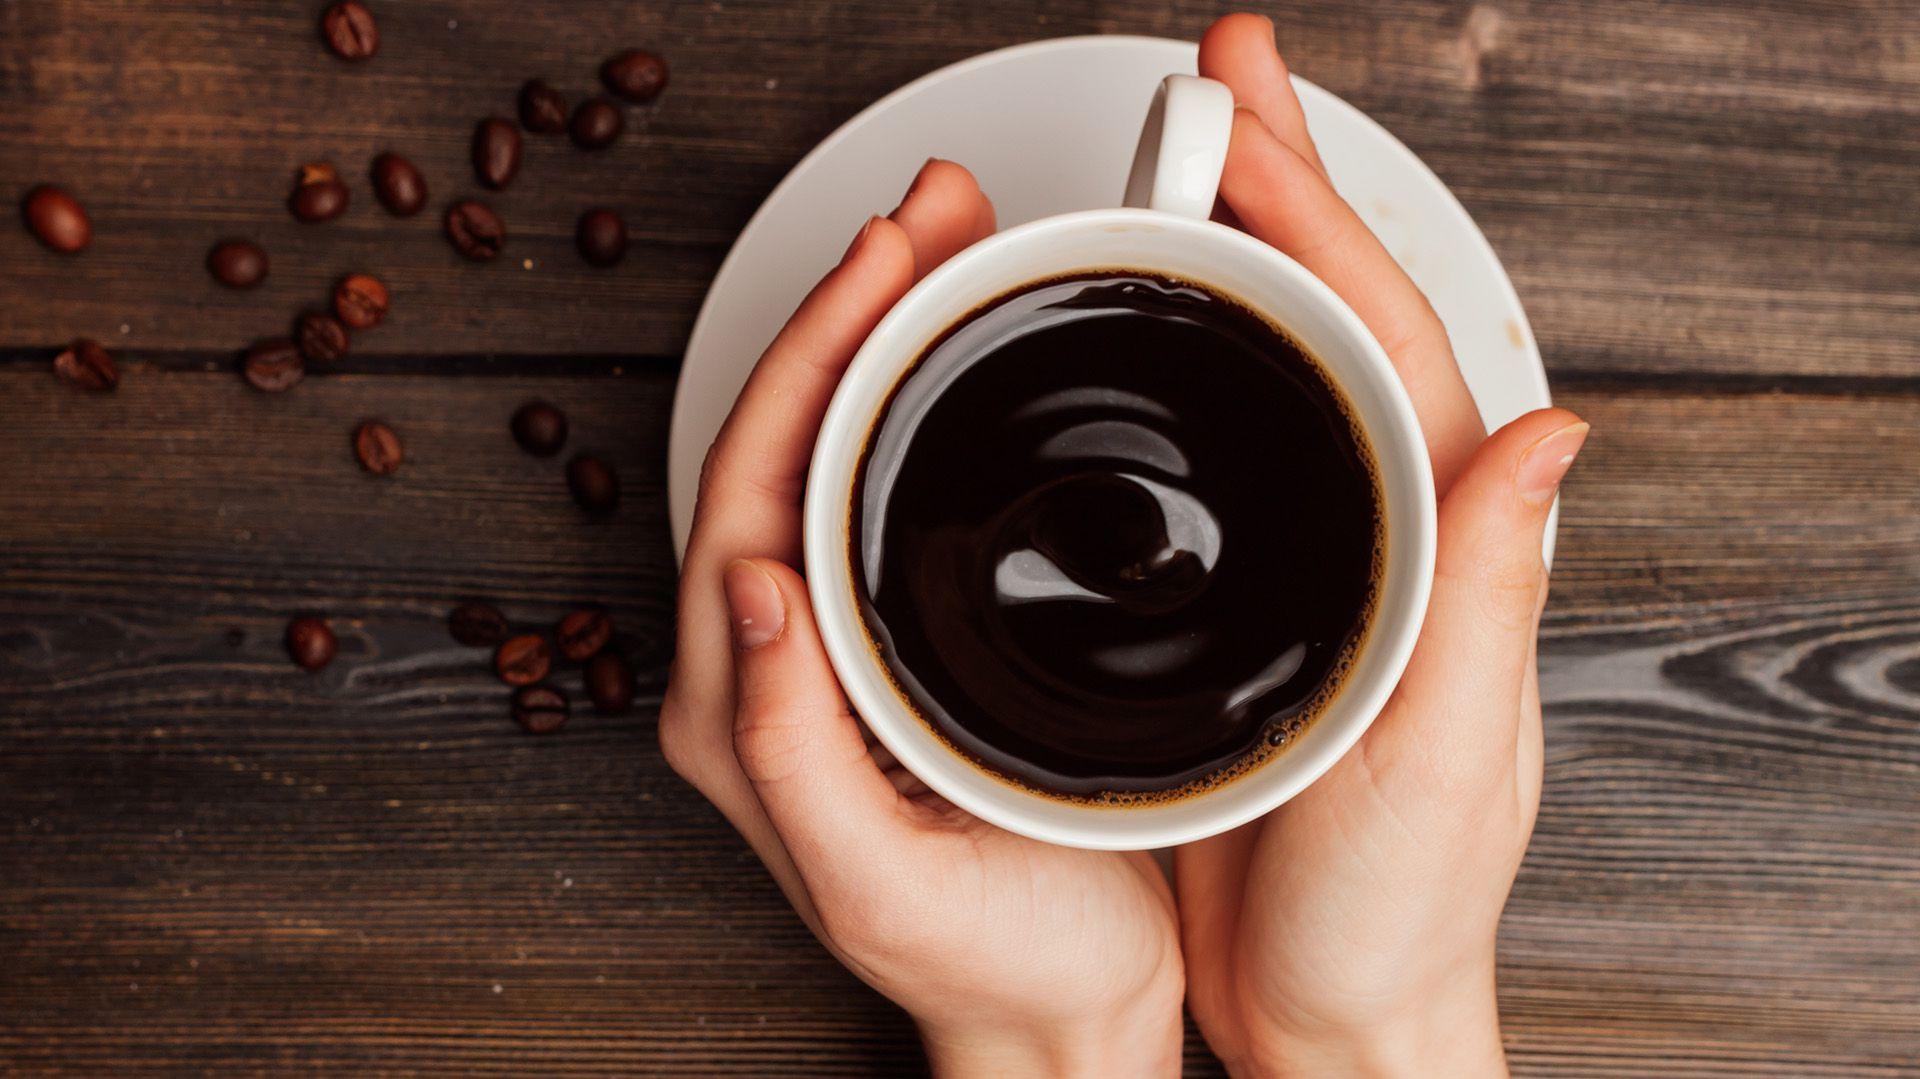 El riesgo de muerte en adultos que consumen café regularmente, varía según la cantidad de tazas consumidas al día